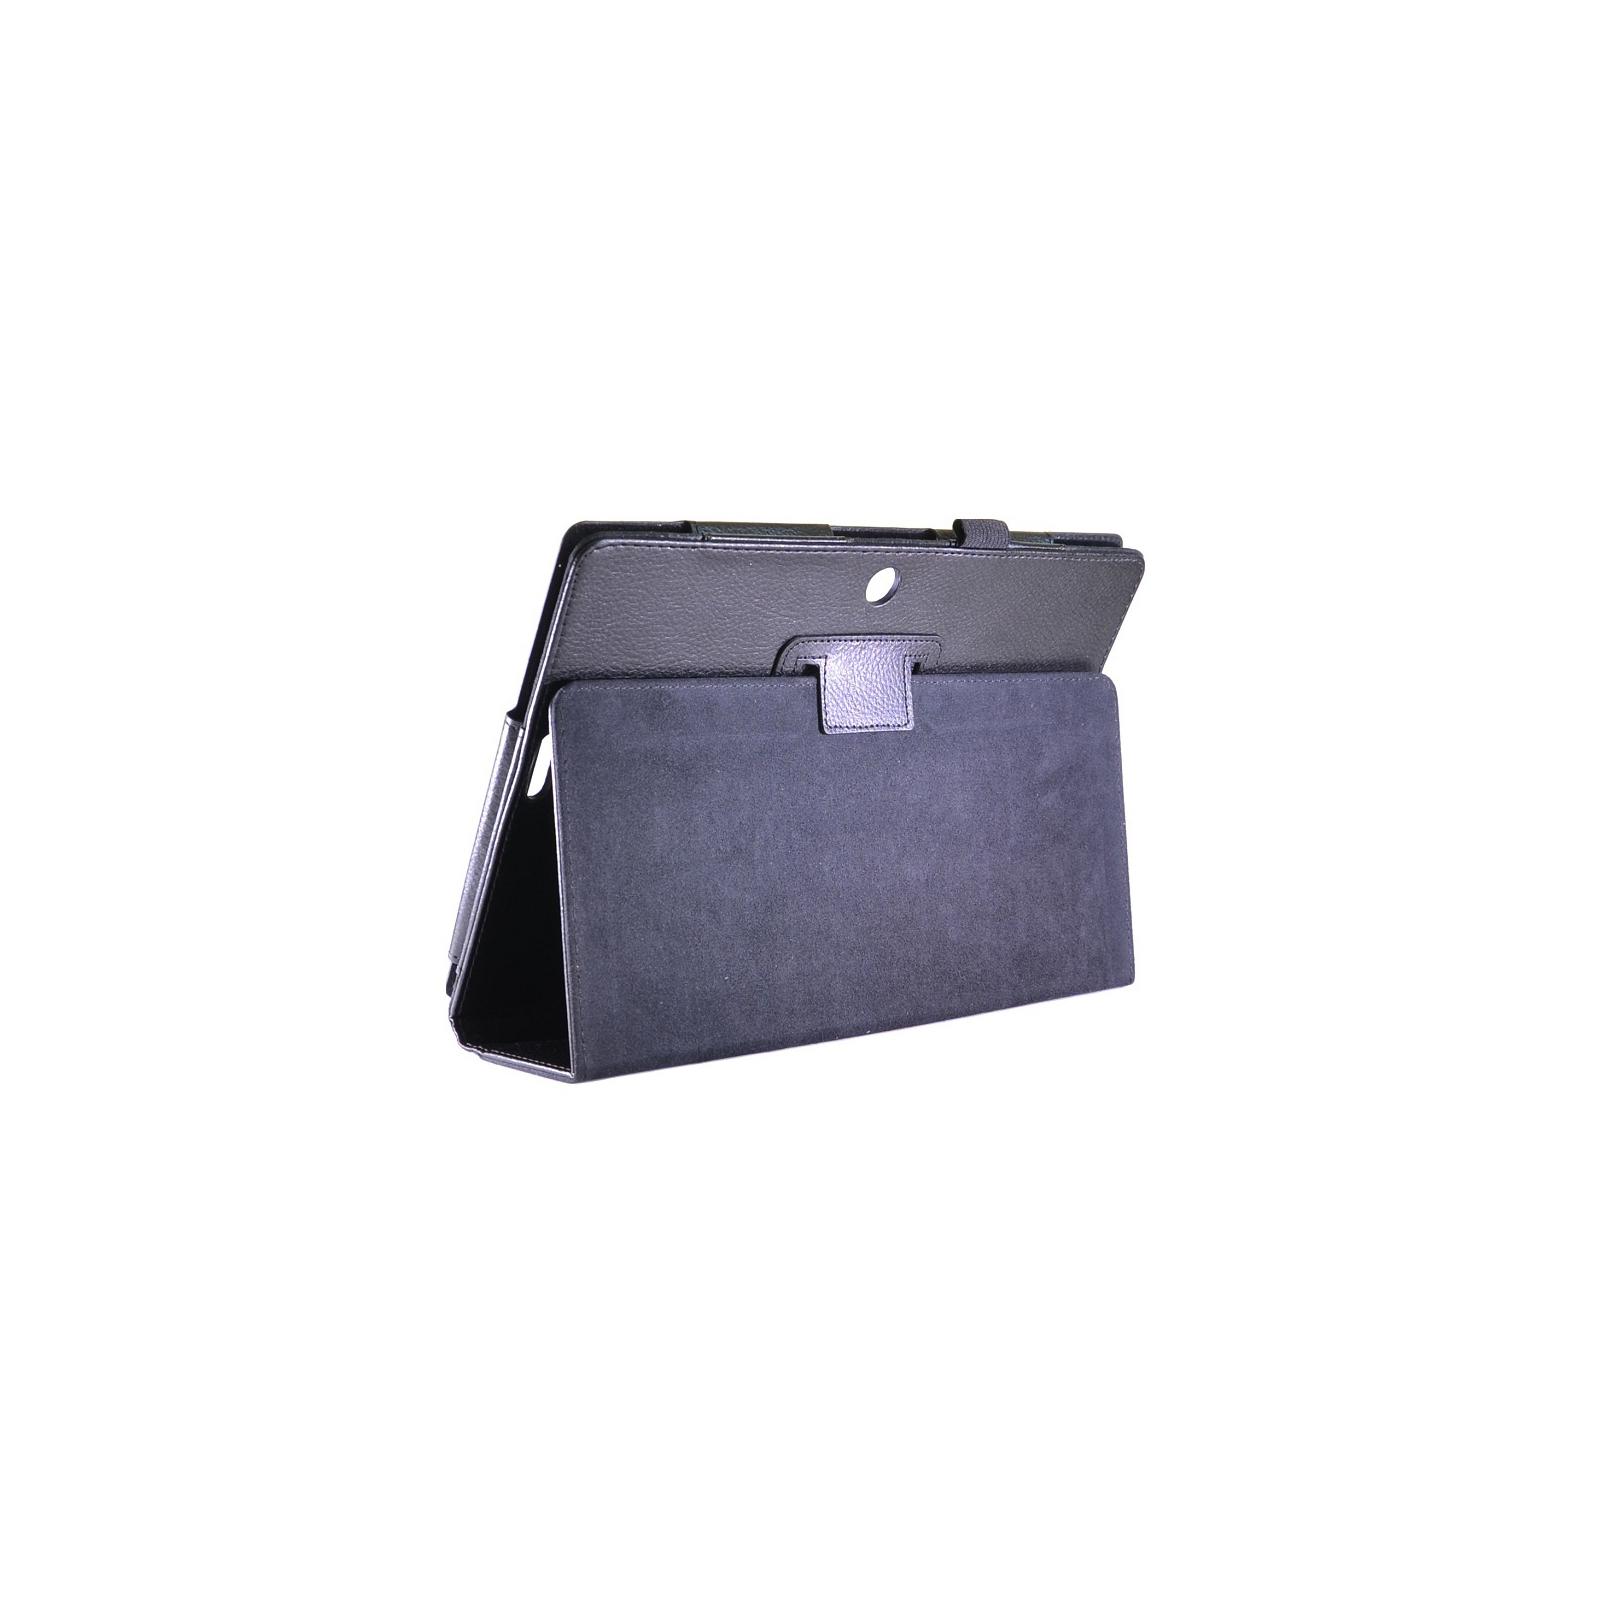 """Чехол для планшета Pro-case 10"""" ASUS ME302 (ME302 black) изображение 4"""